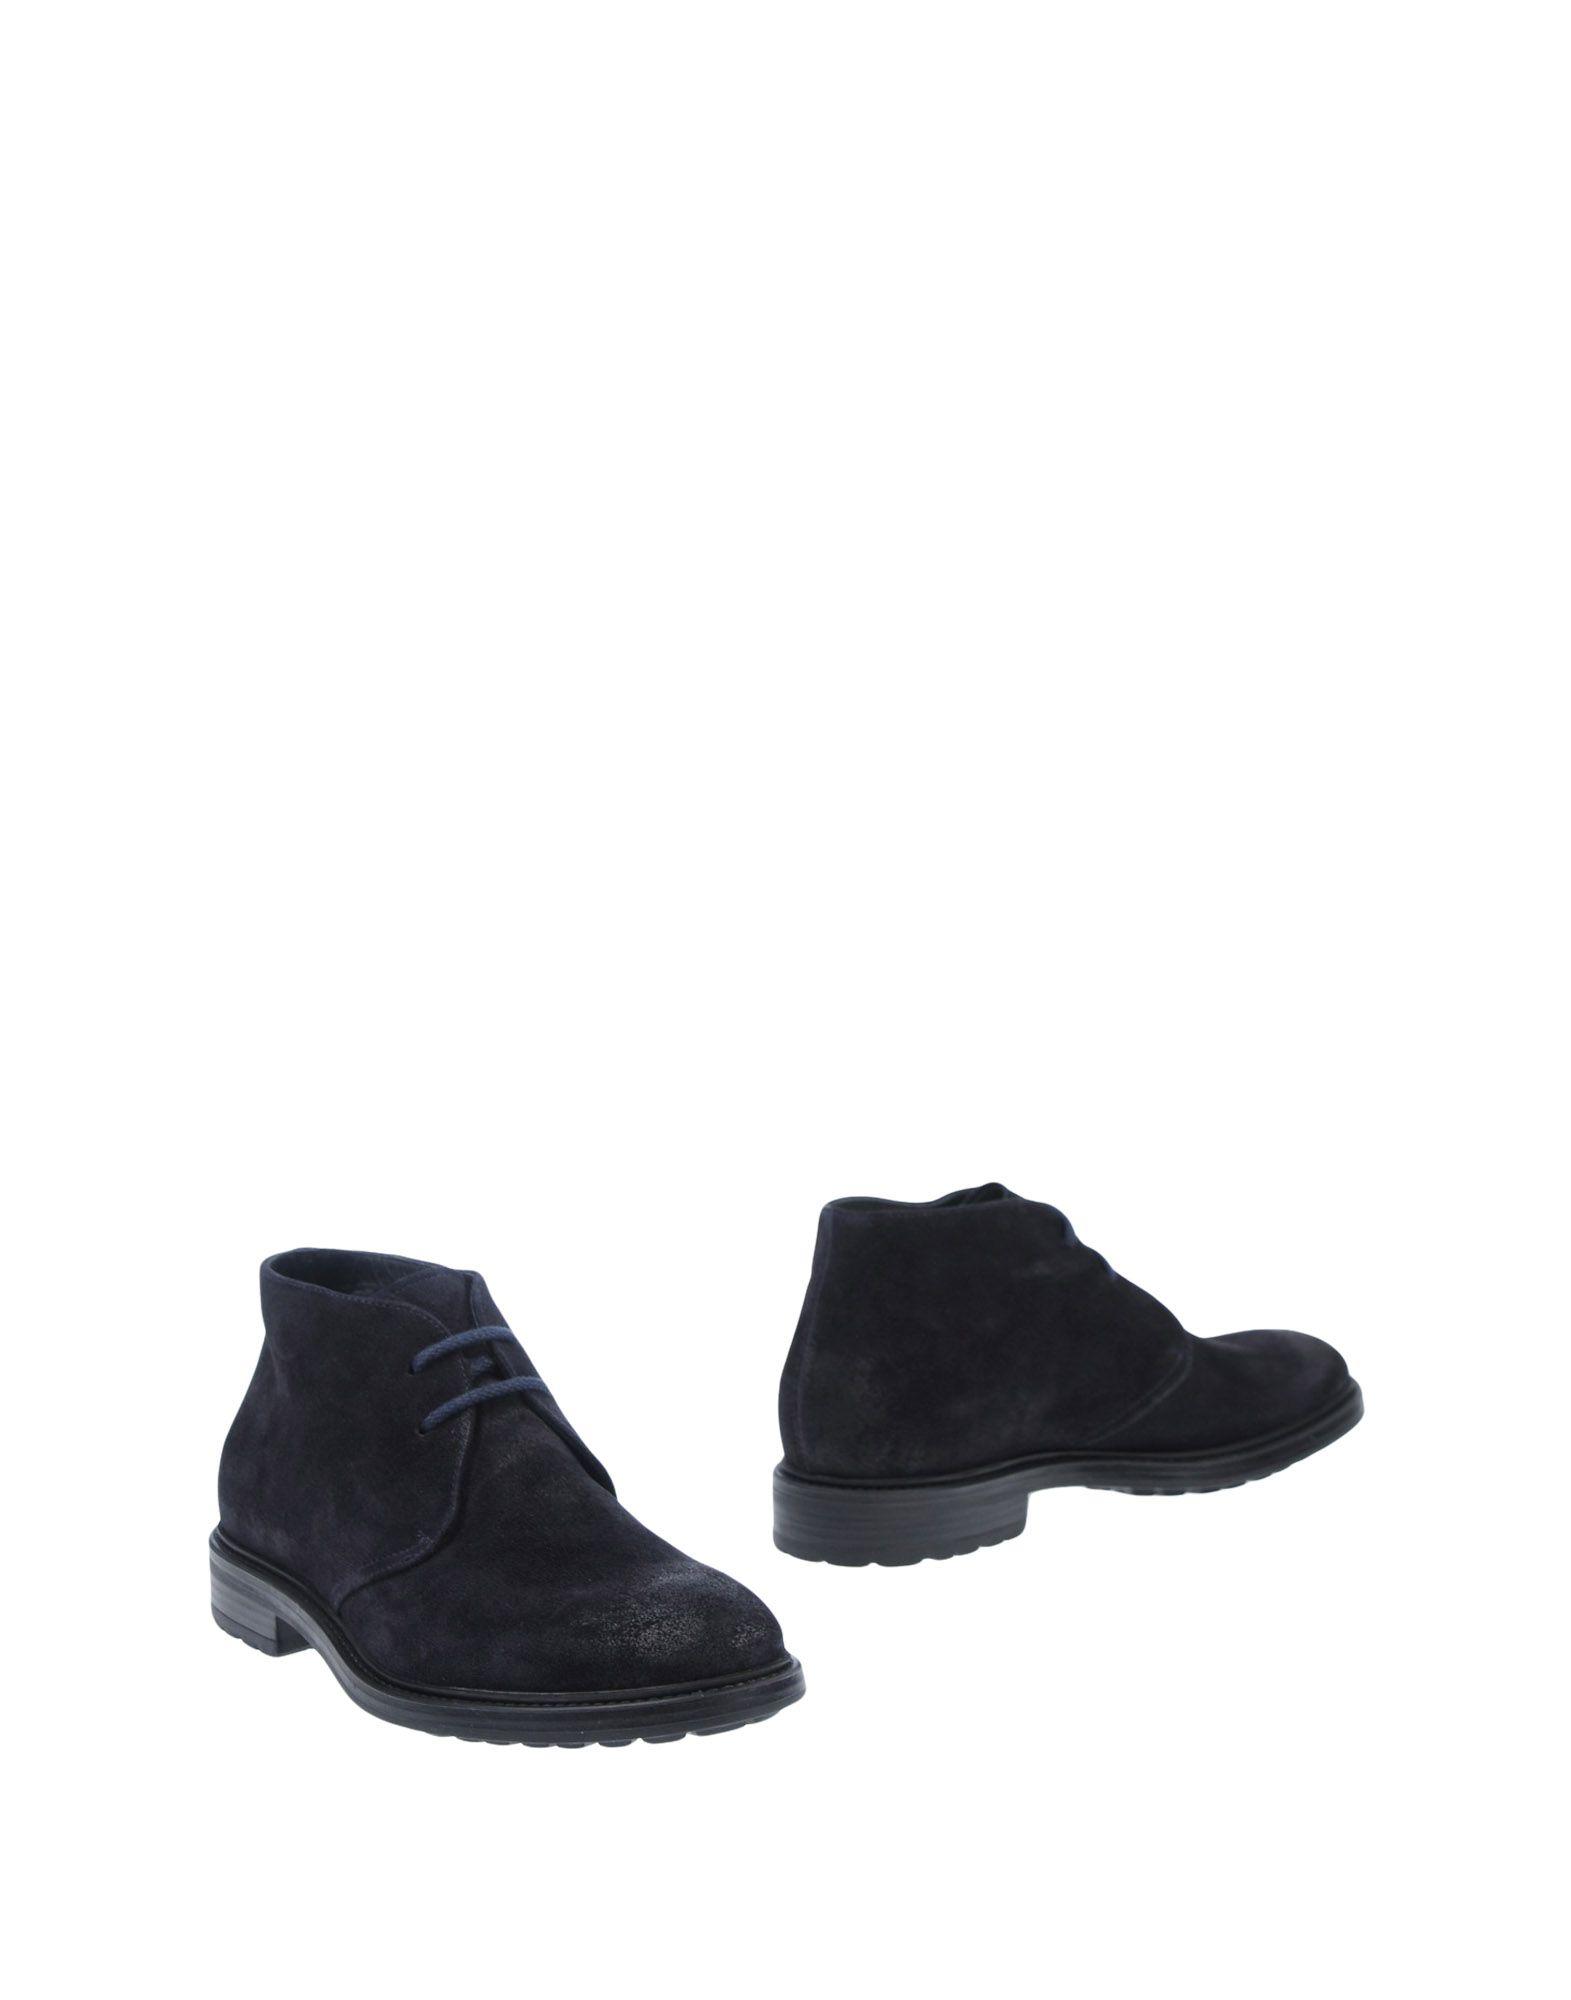 Doucal's Stiefelette Herren  11508937LQ Schuhe Gute Qualität beliebte Schuhe 11508937LQ d1356d